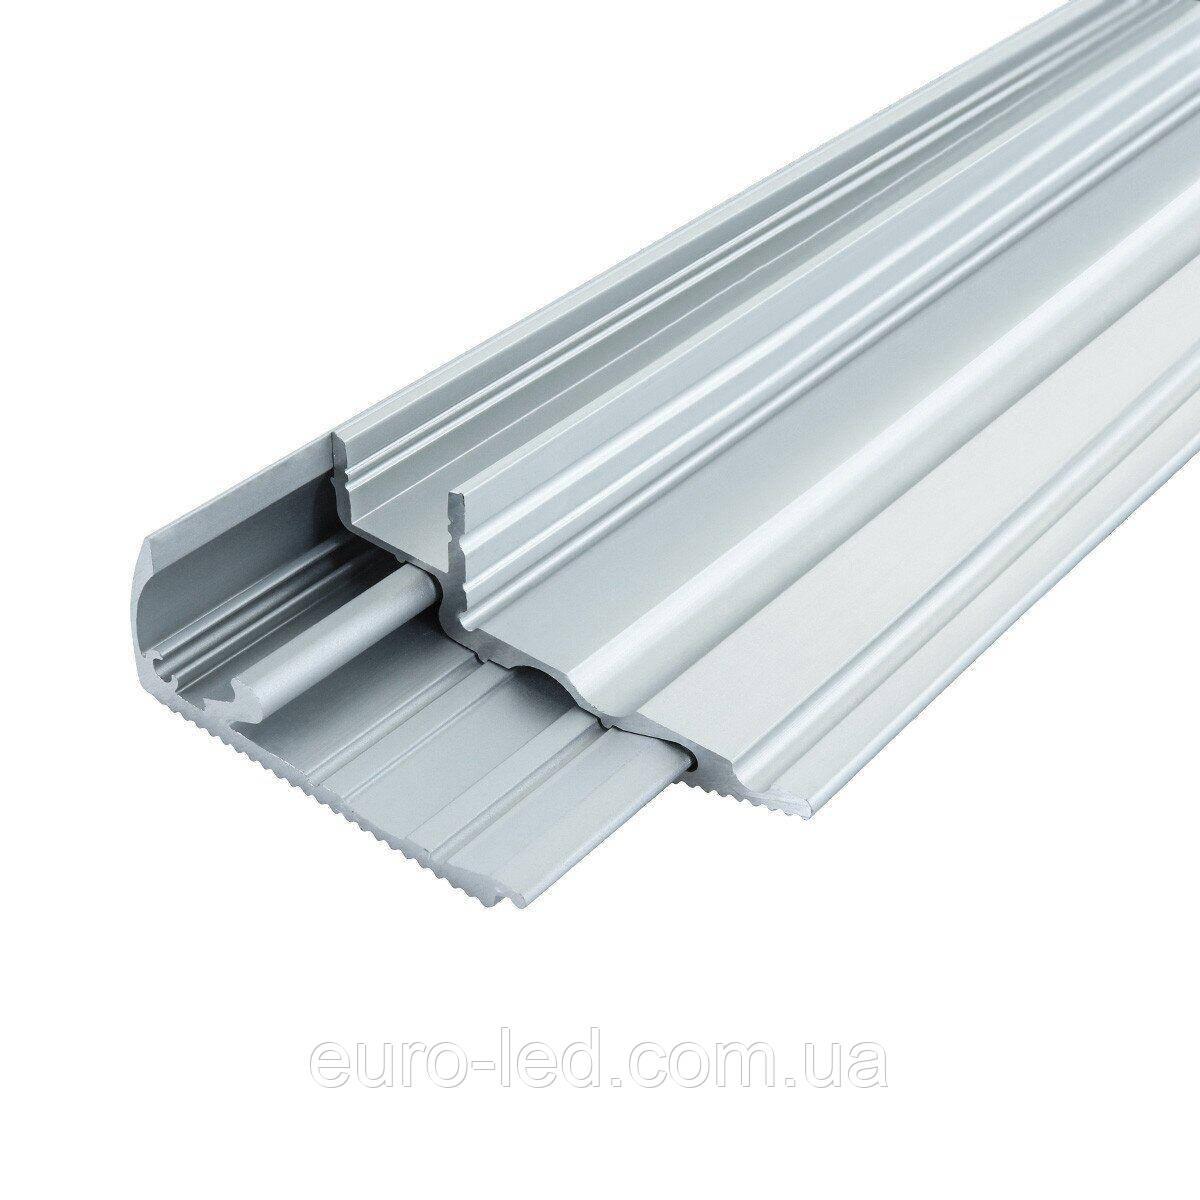 Профиль алюминиевый для ступенек PS-22 (PS-22/1+PS-22/2) анодированый, (палка 2м), м